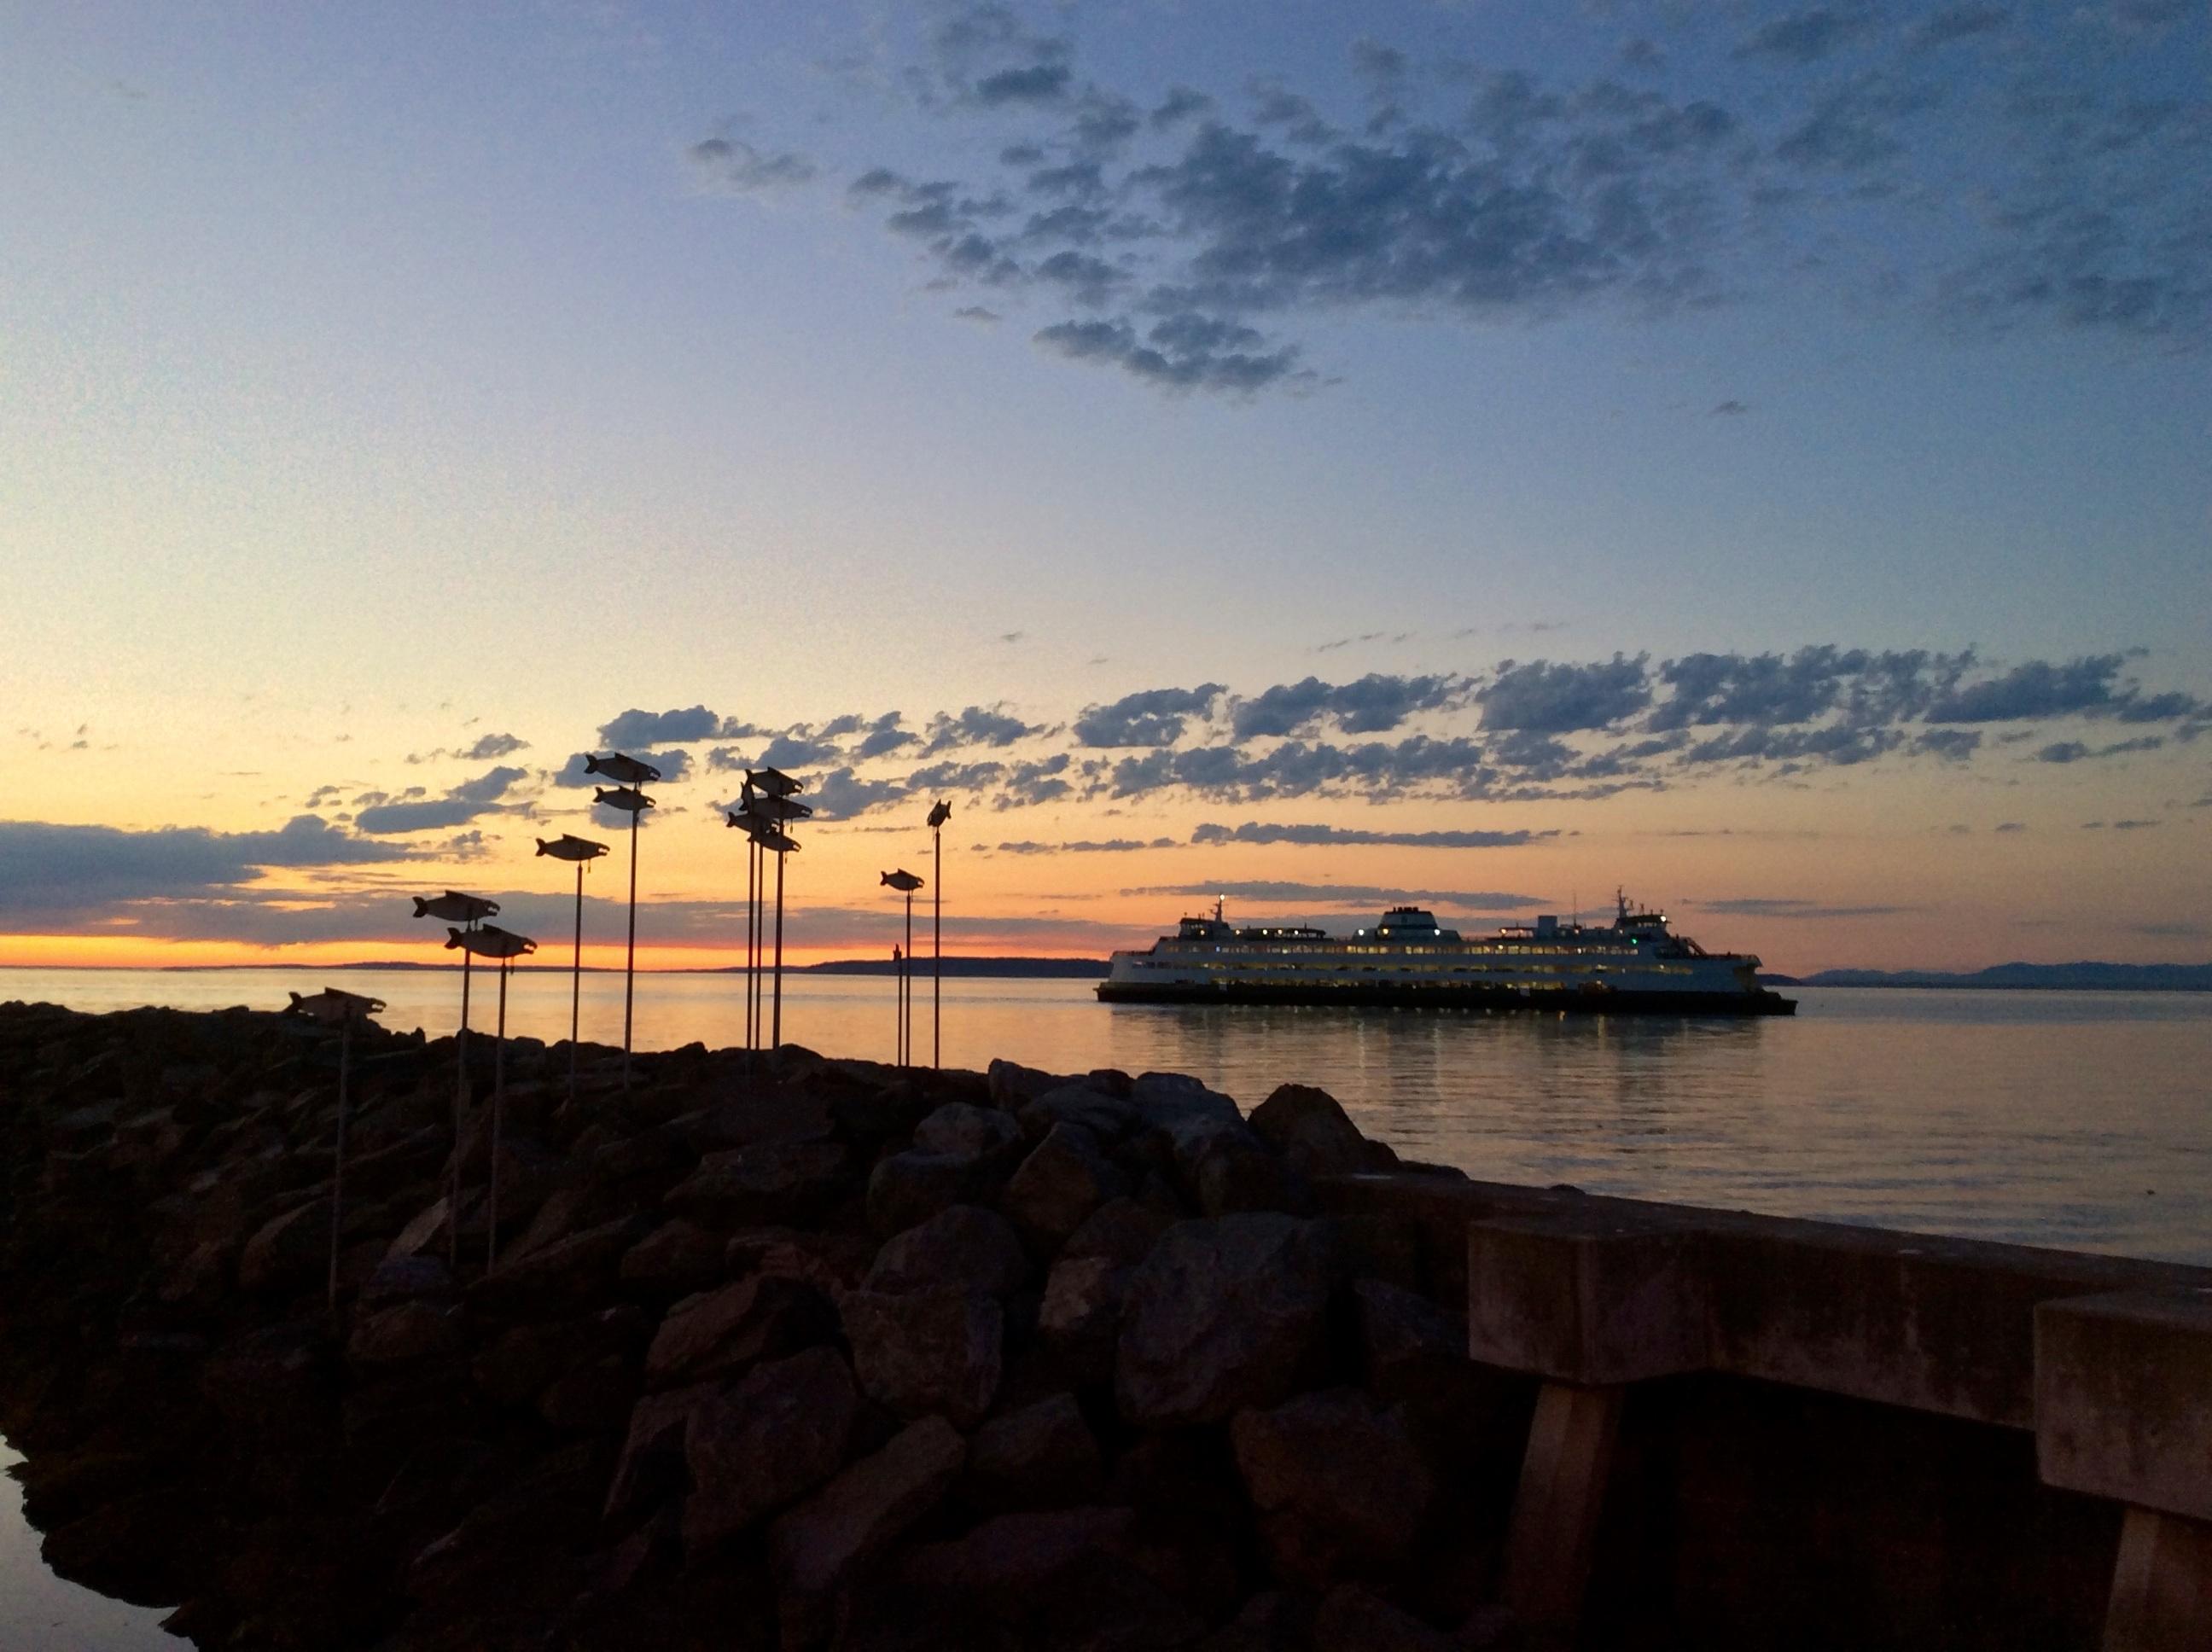 Скачать звук корабля в море